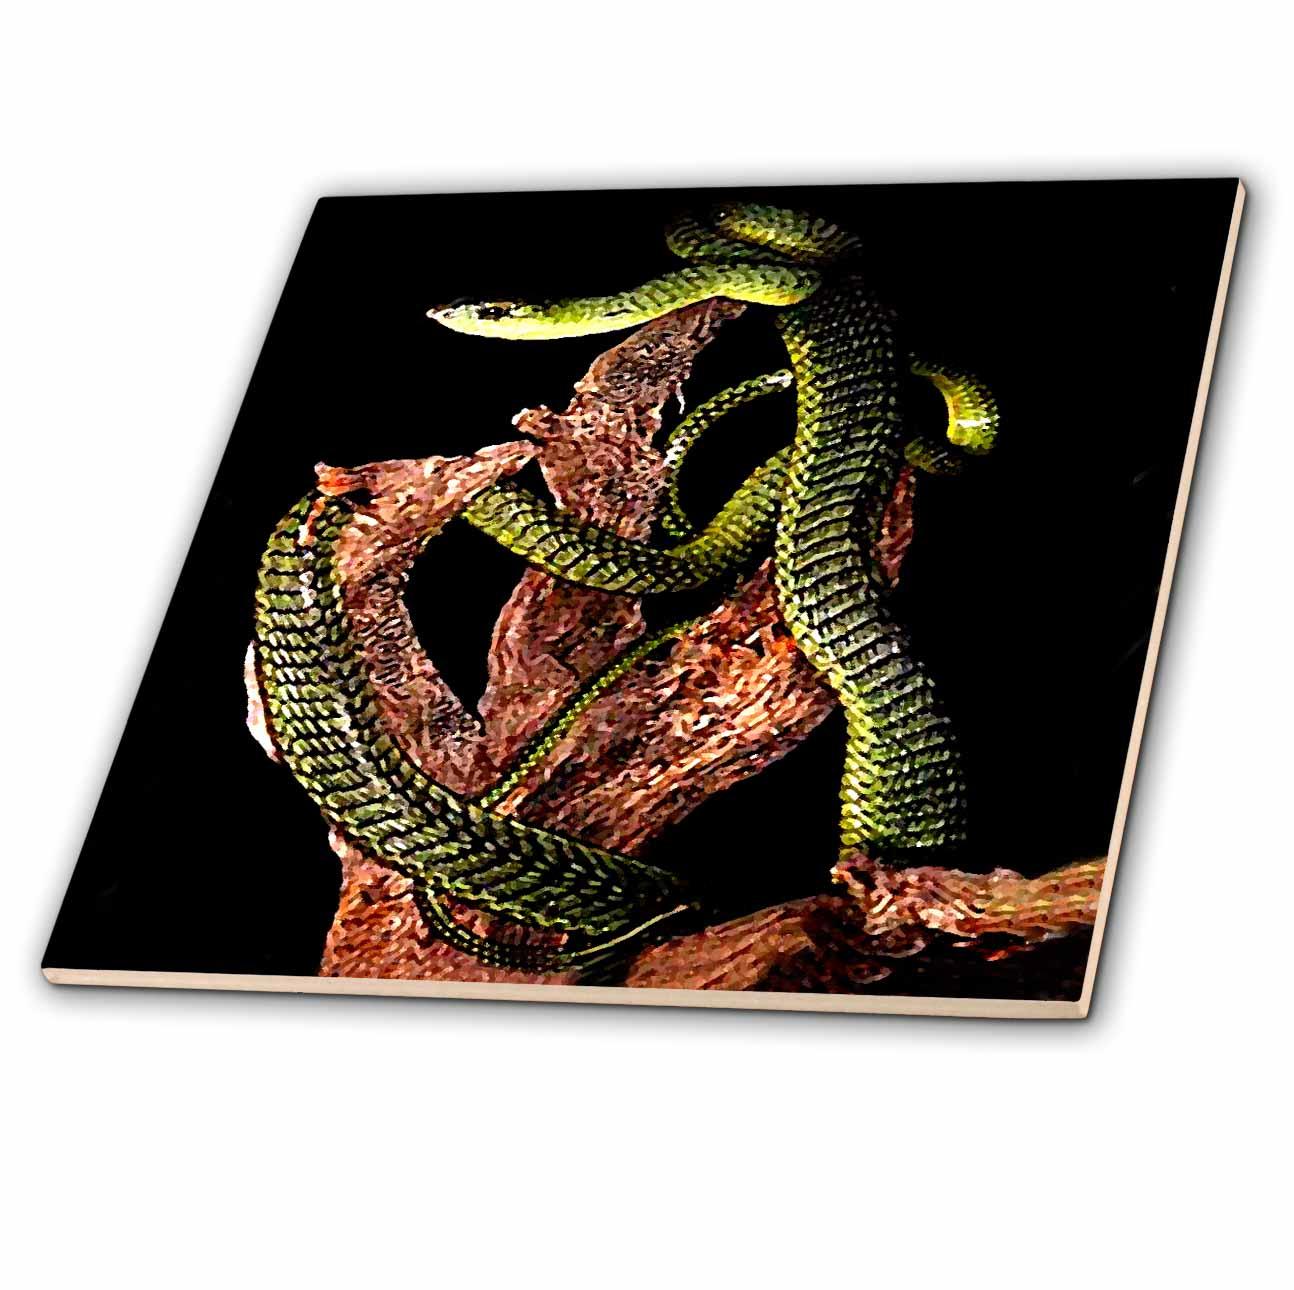 Boomslang Snake Ceramic Tile-Coaster Snakes